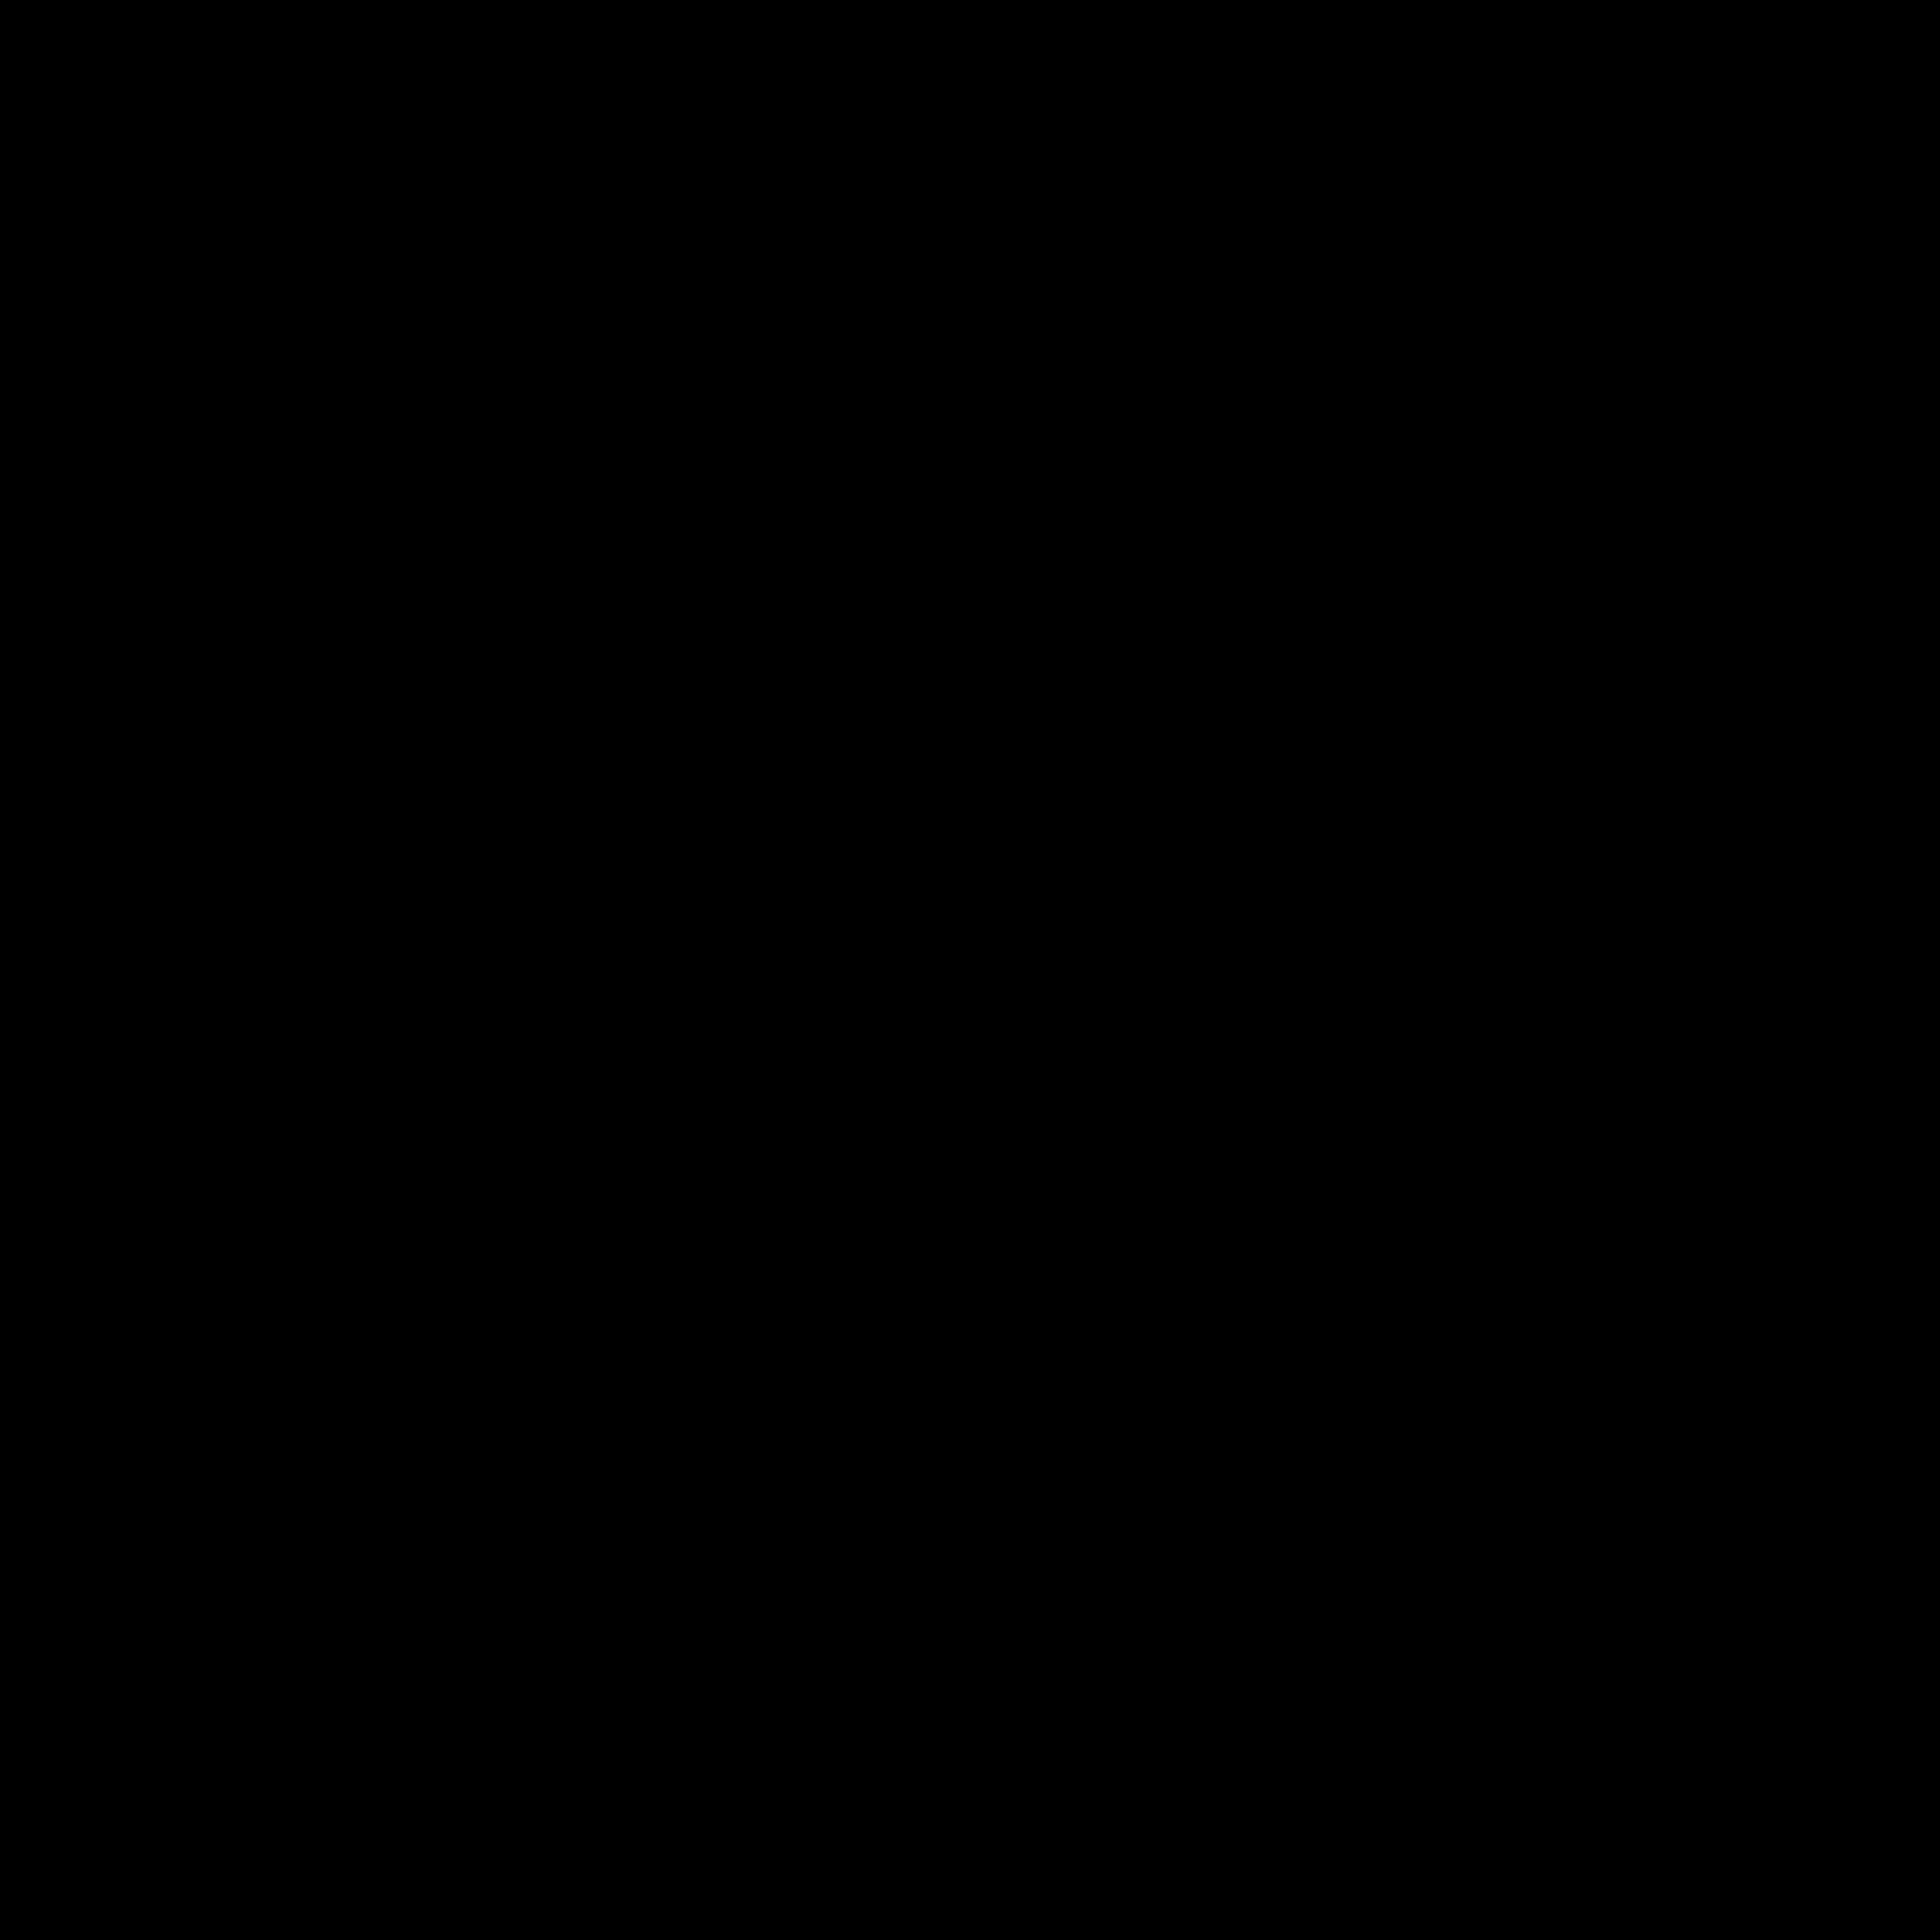 การปรับ Mindset เพื่อเพิ่มประสิทธิภาพในการทำงาน-05